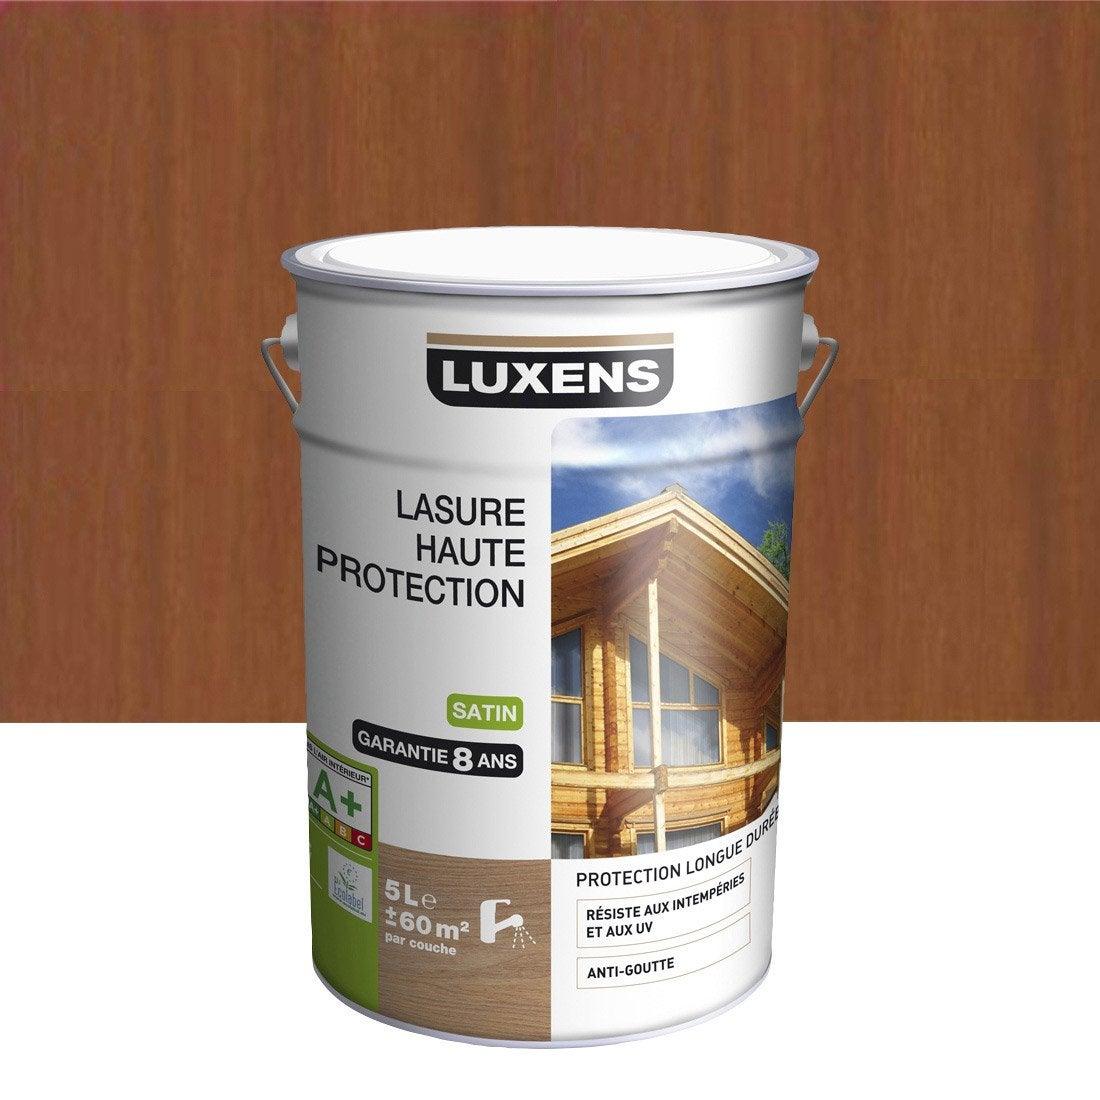 Lasure luxens haute protection 5 l bois exotique leroy merlin - Protection bois exotique ...